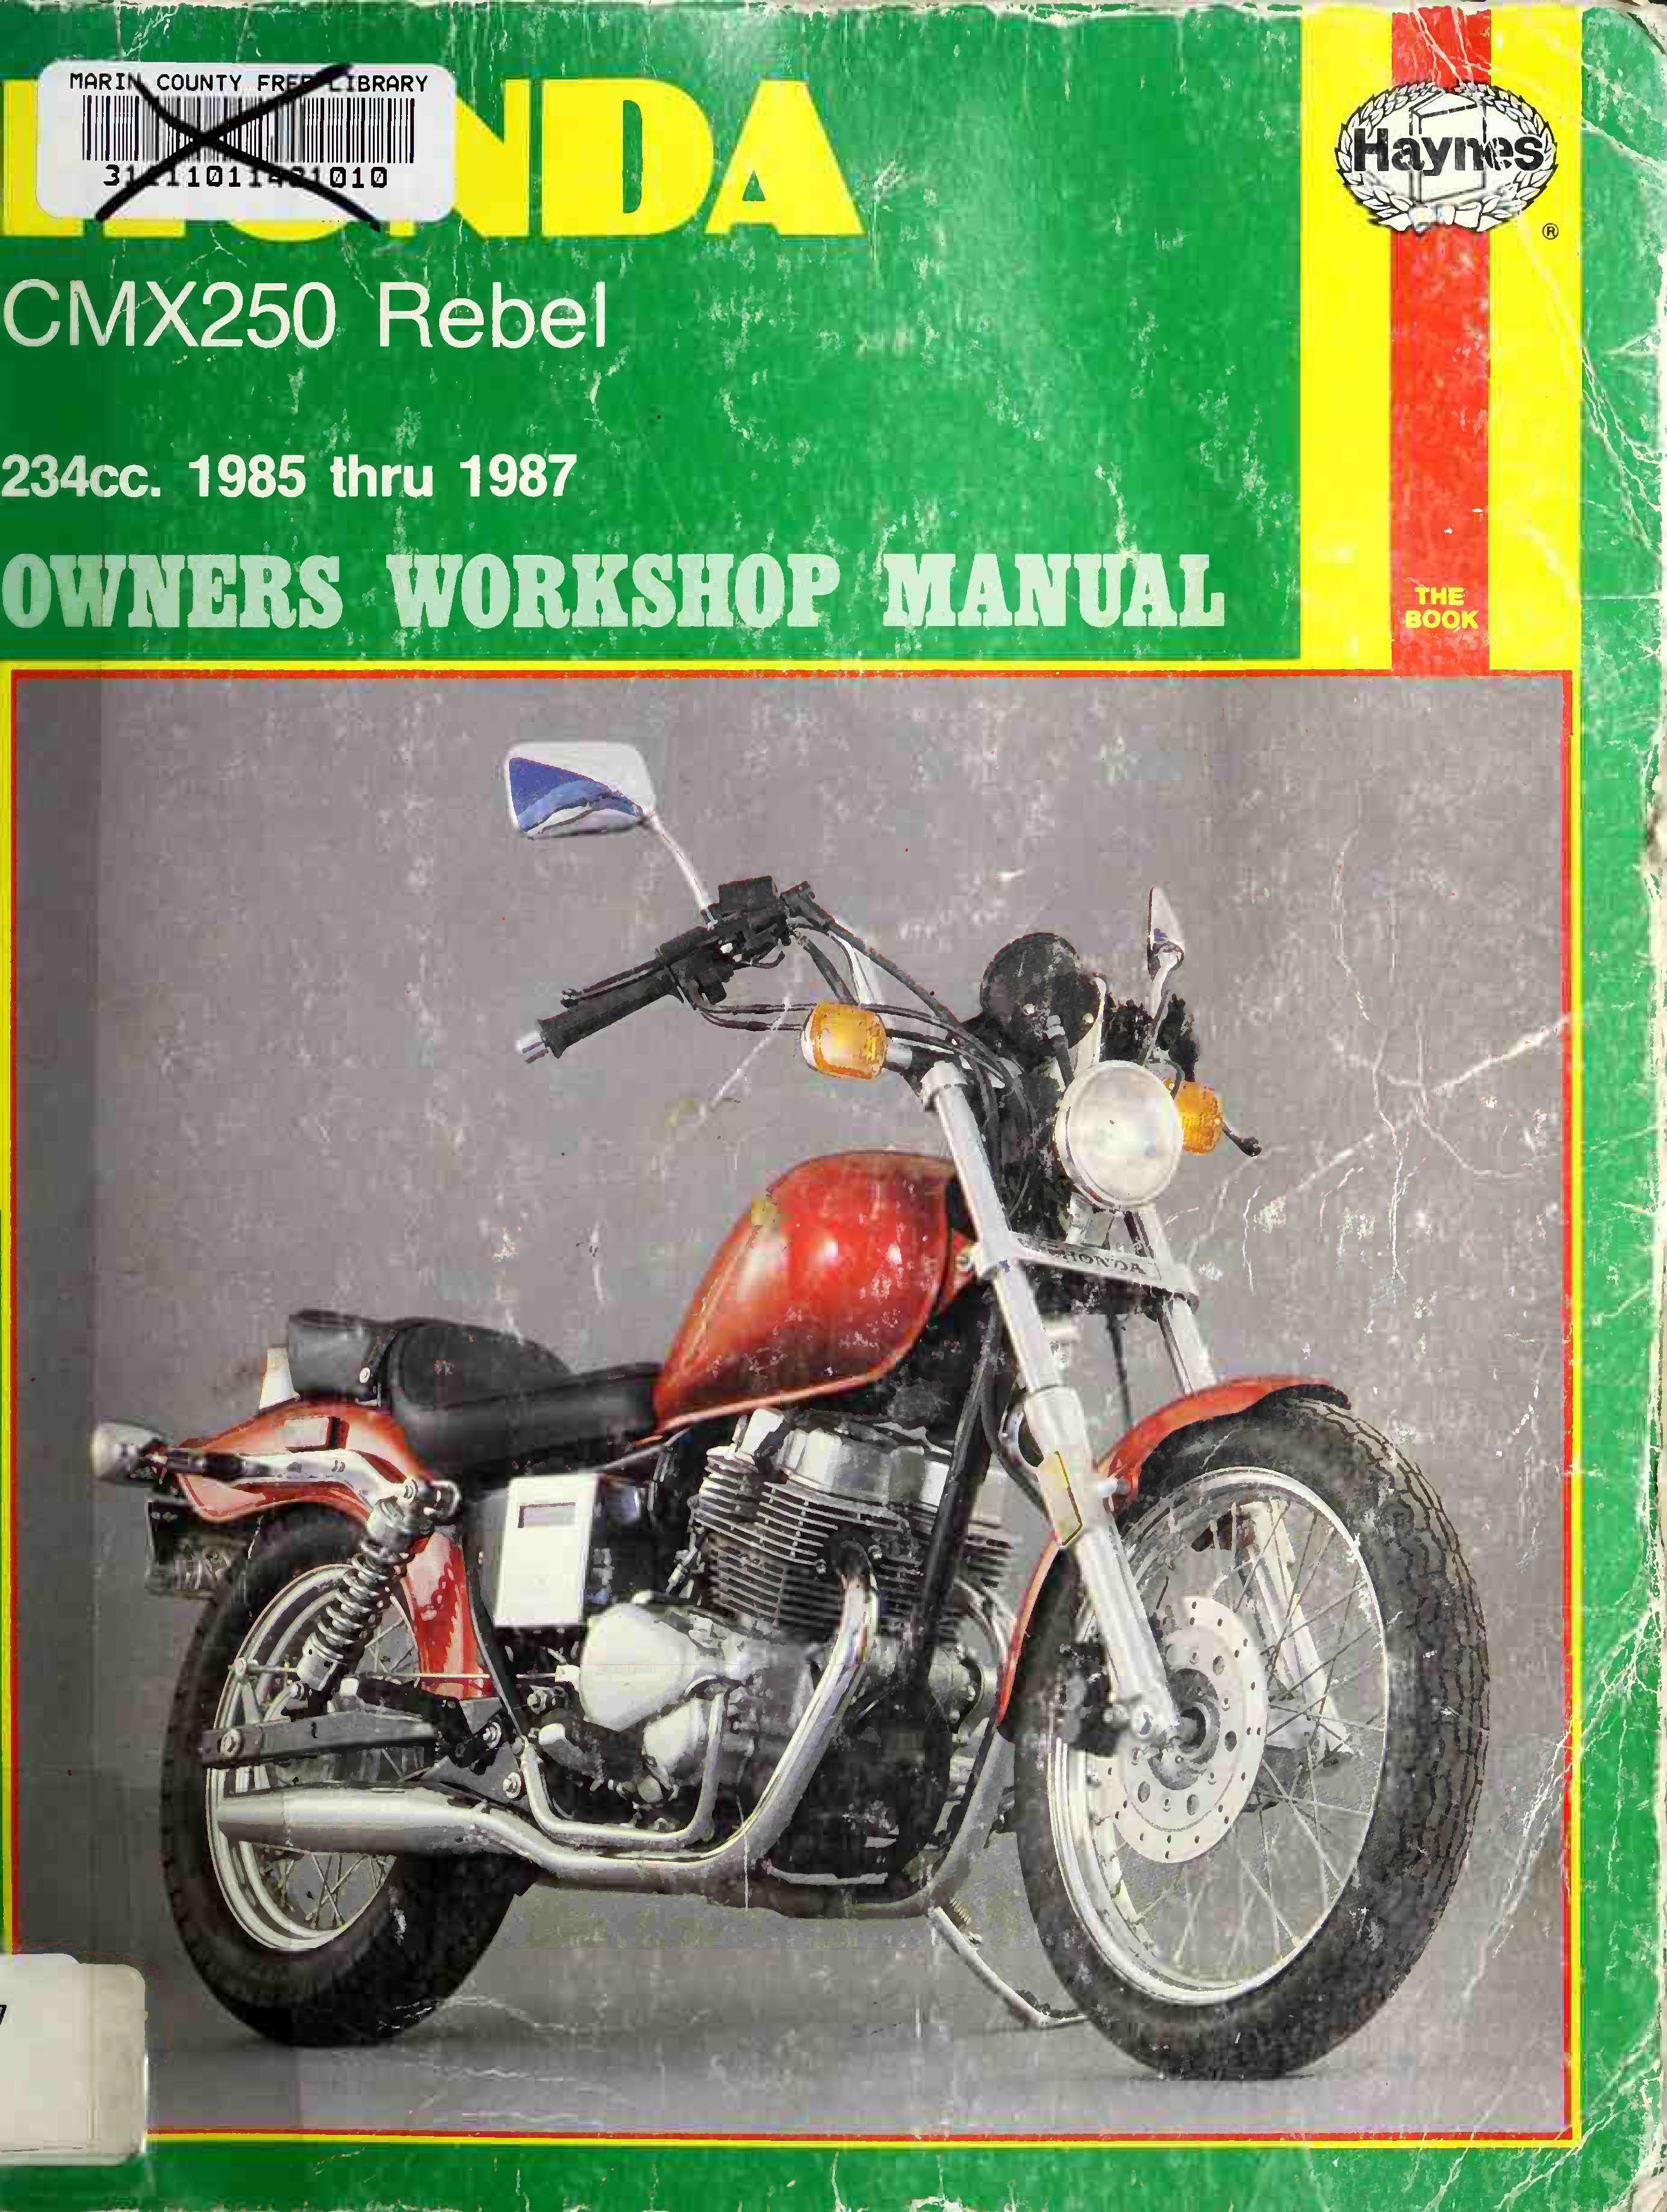 Workshop manual for Honda CMX250 Rebel (1985-1987)